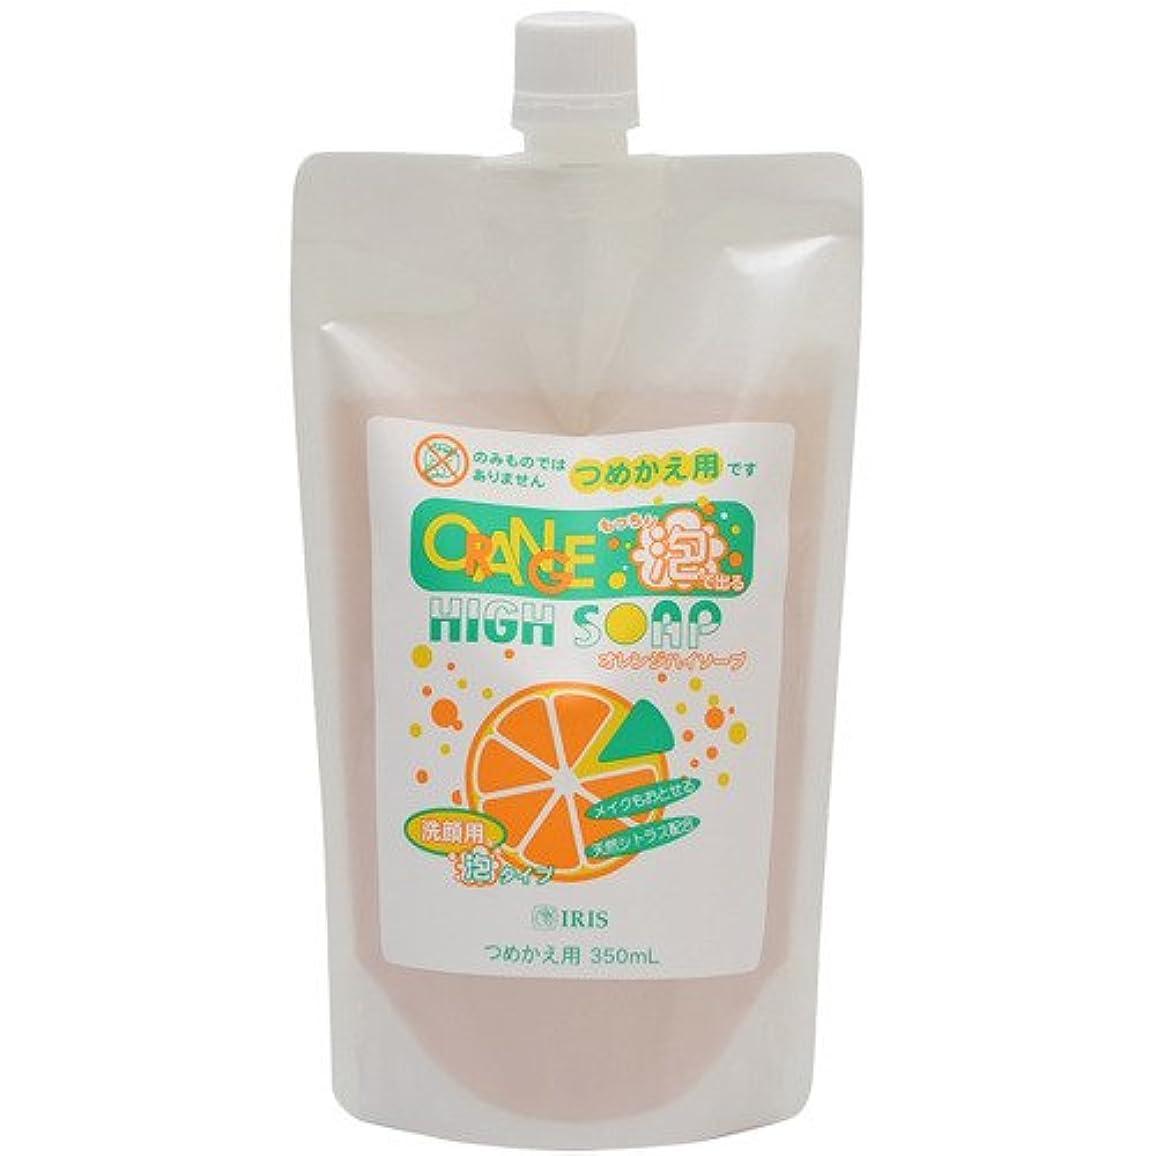 平衡背の高いトンオレンジハイソープ 洗顔用 泡タイプ ポンプ式 詰替用 350ml